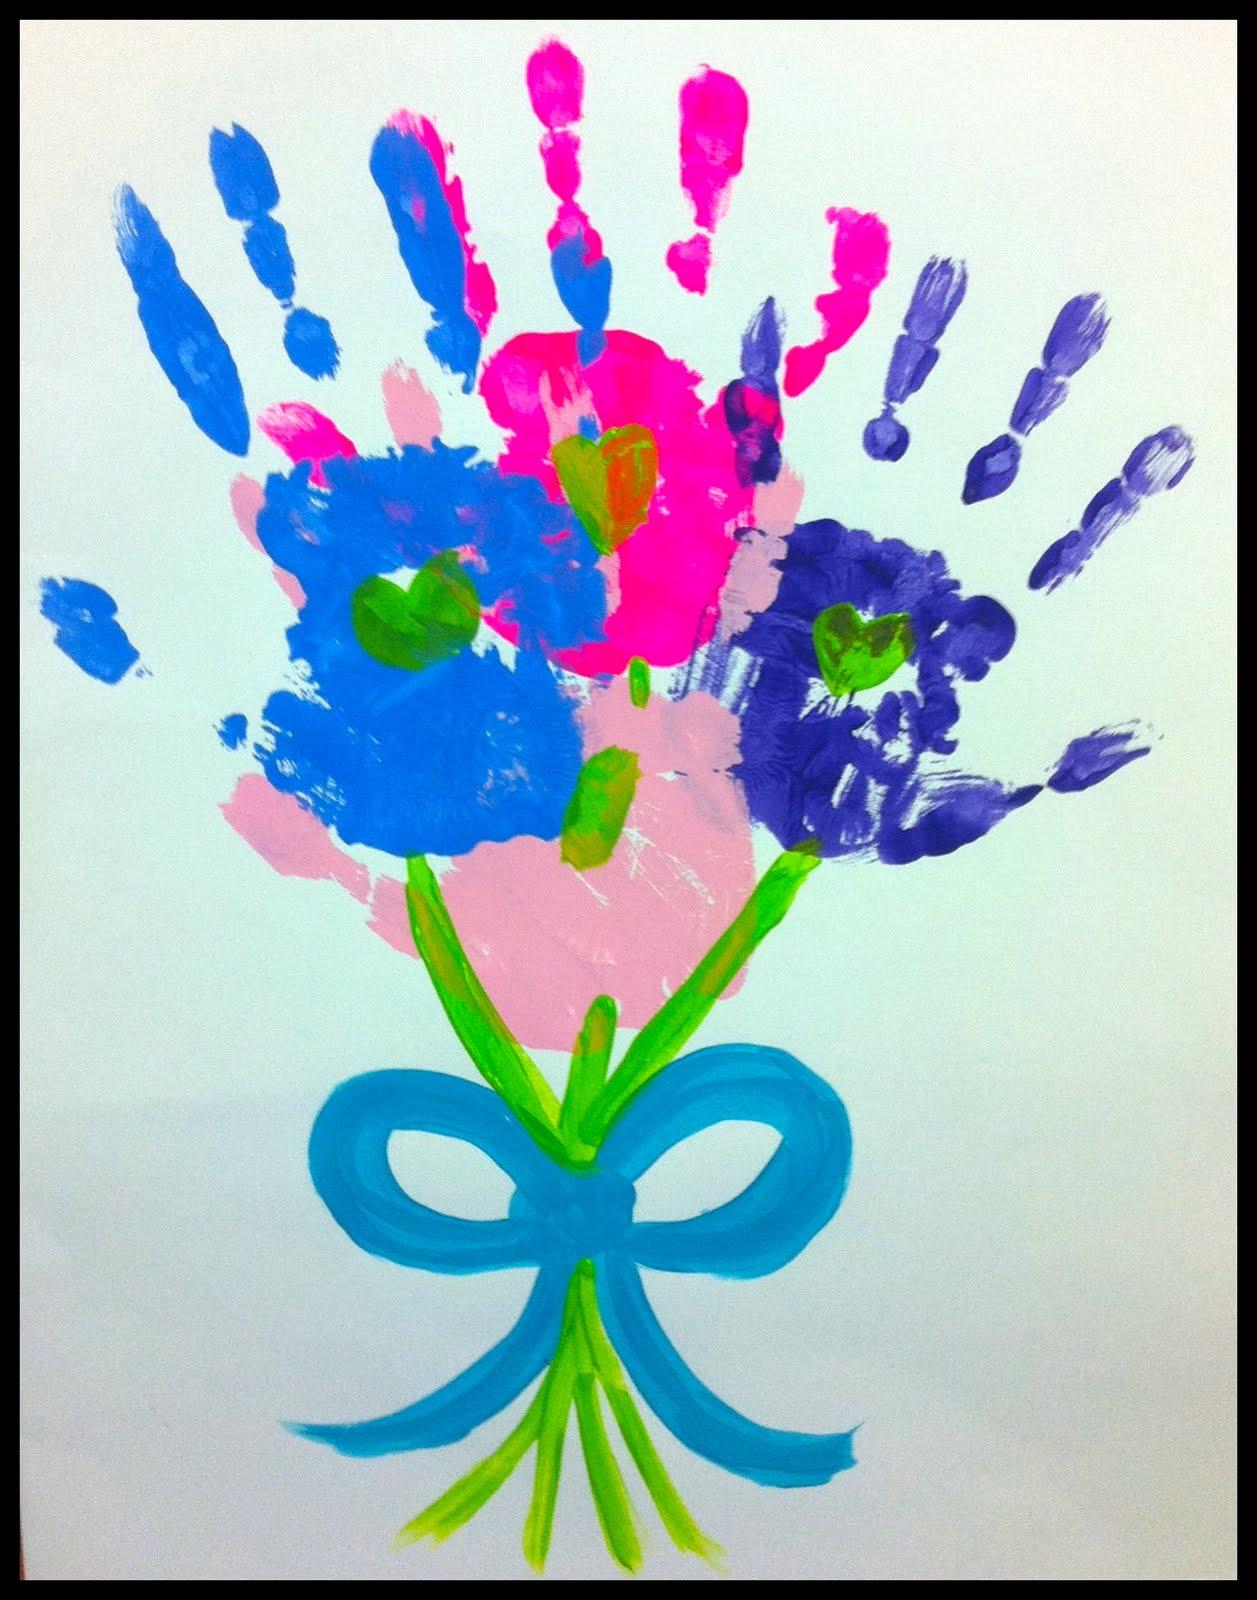 Подарок для мамы своими руками на 8 марта фото